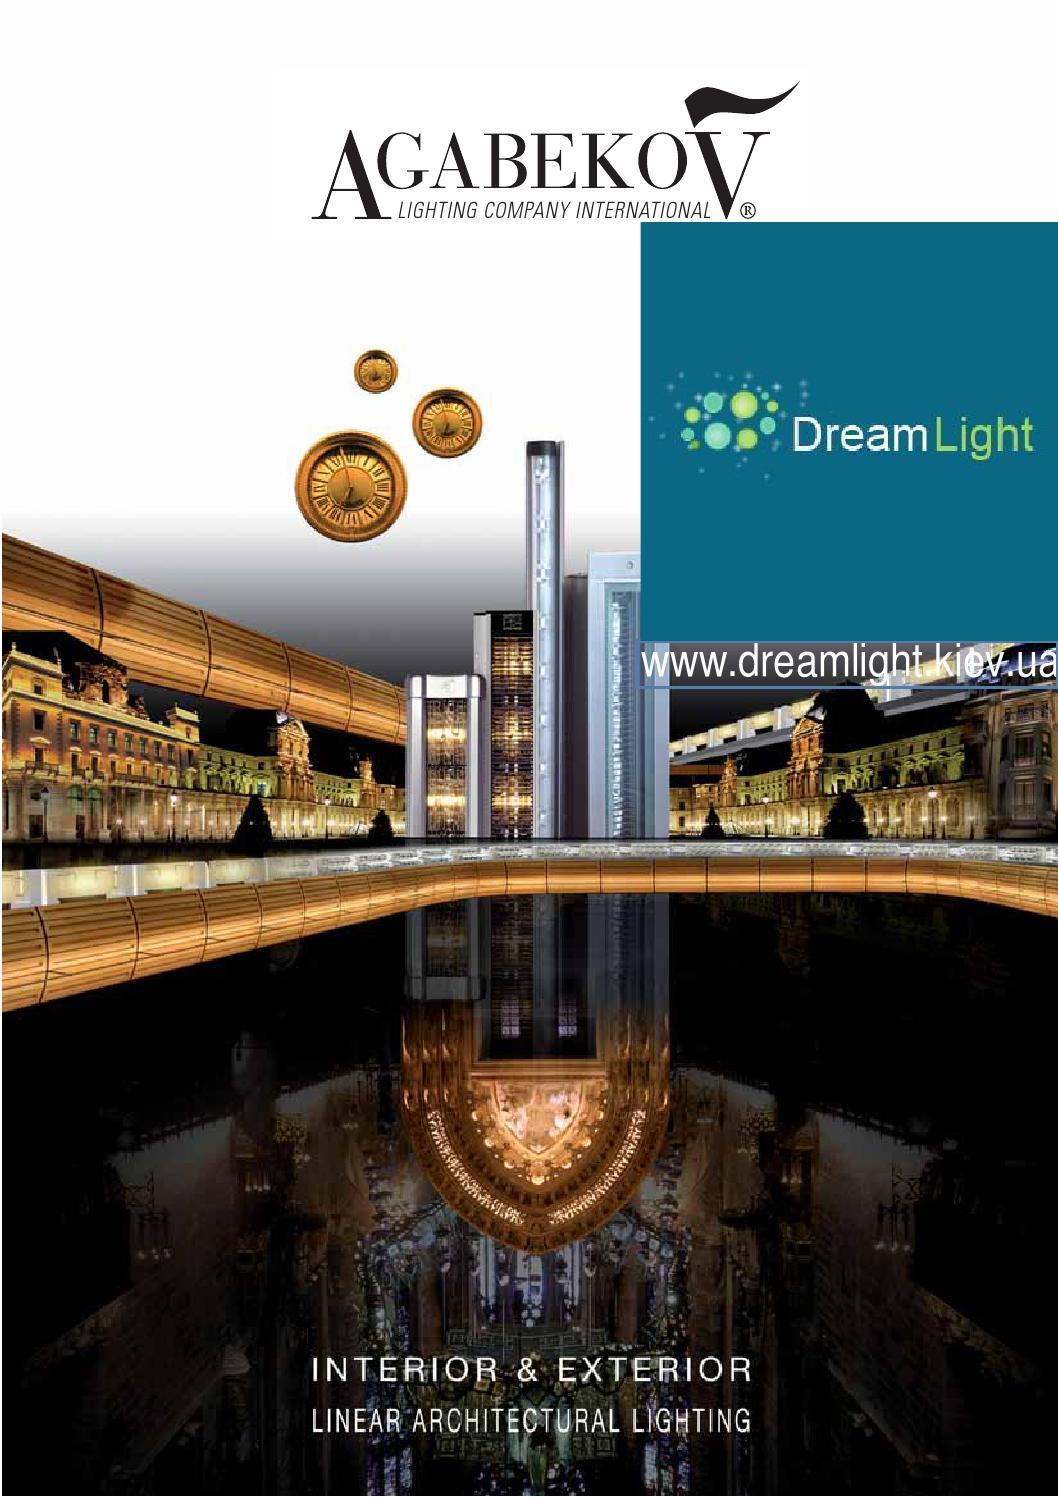 Nouveau spare LV lampholder videoprojecteur chaque